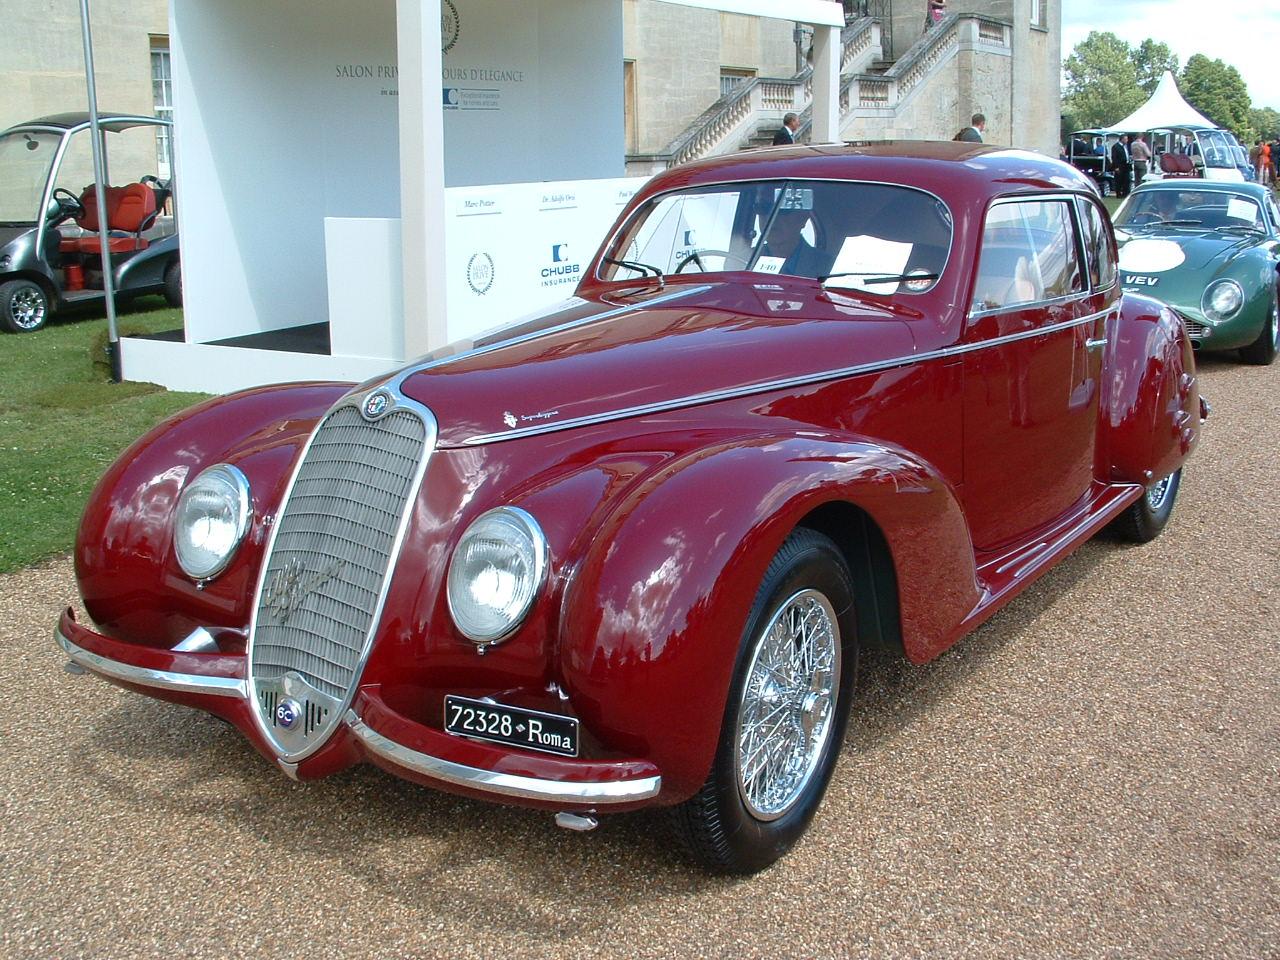 1939 Alfa Romeo 6C 2500 Super Sport picture 4